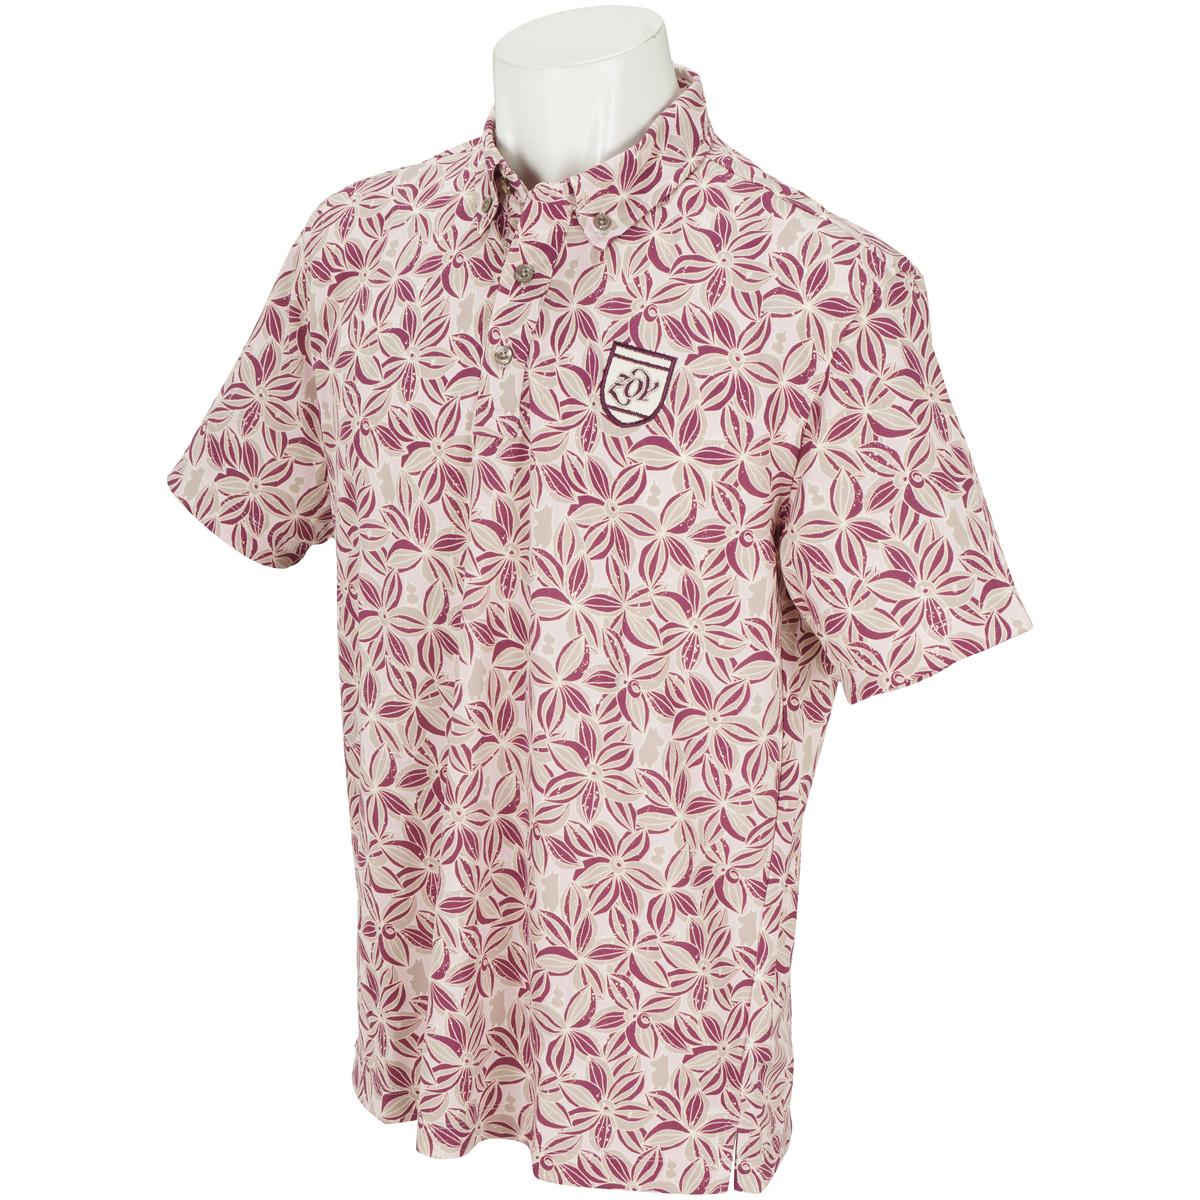 Moomin フラワープリント 半袖ポロシャツ